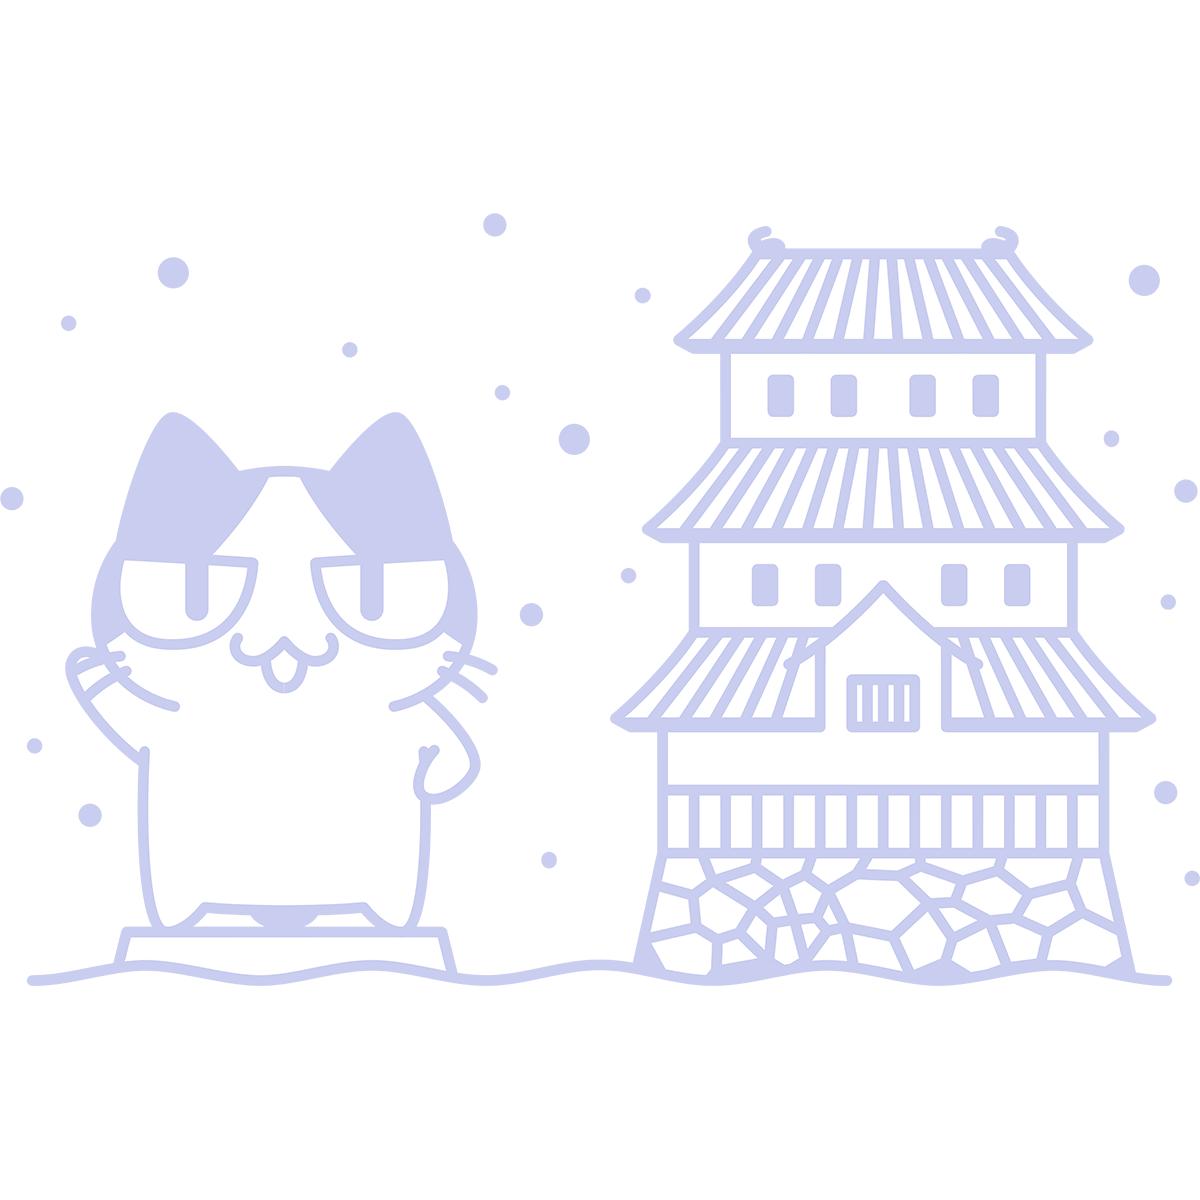 さっぽろ雪まつりの無料イラスト